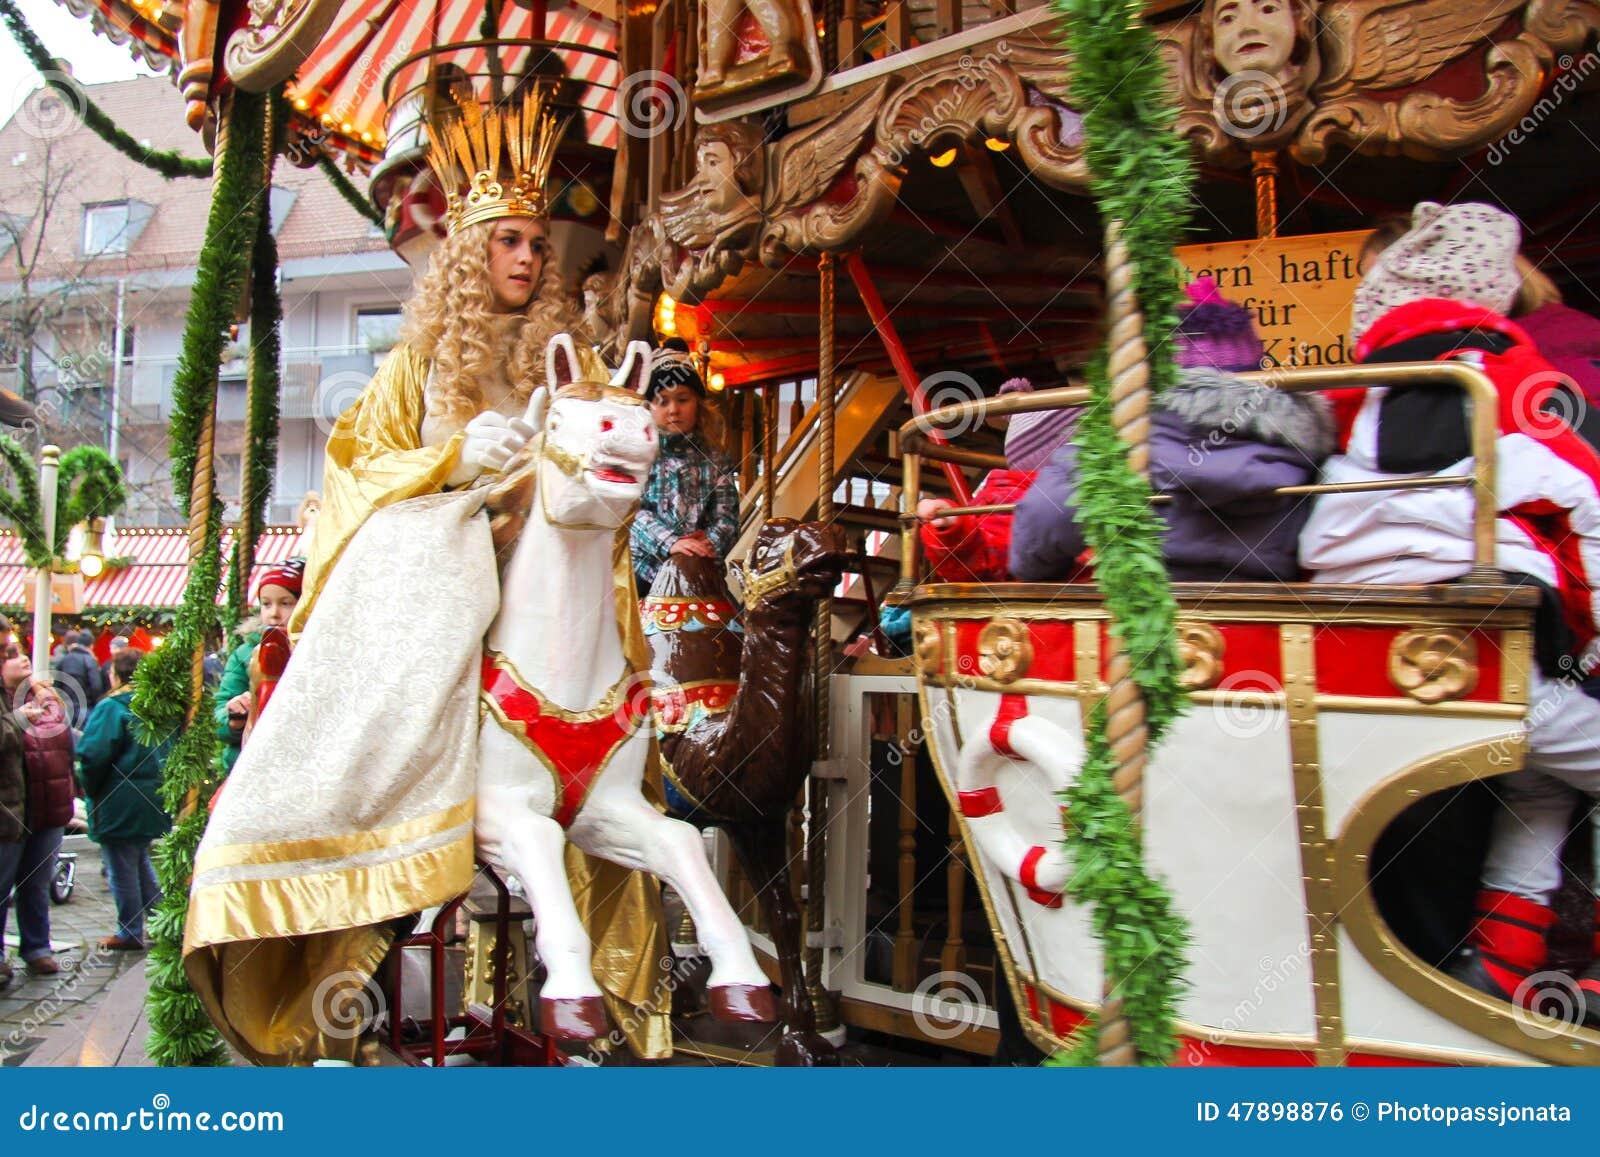 Nürnberg-Christkind-Symbol Des Weihnachtsmarktes Auf Dem ...